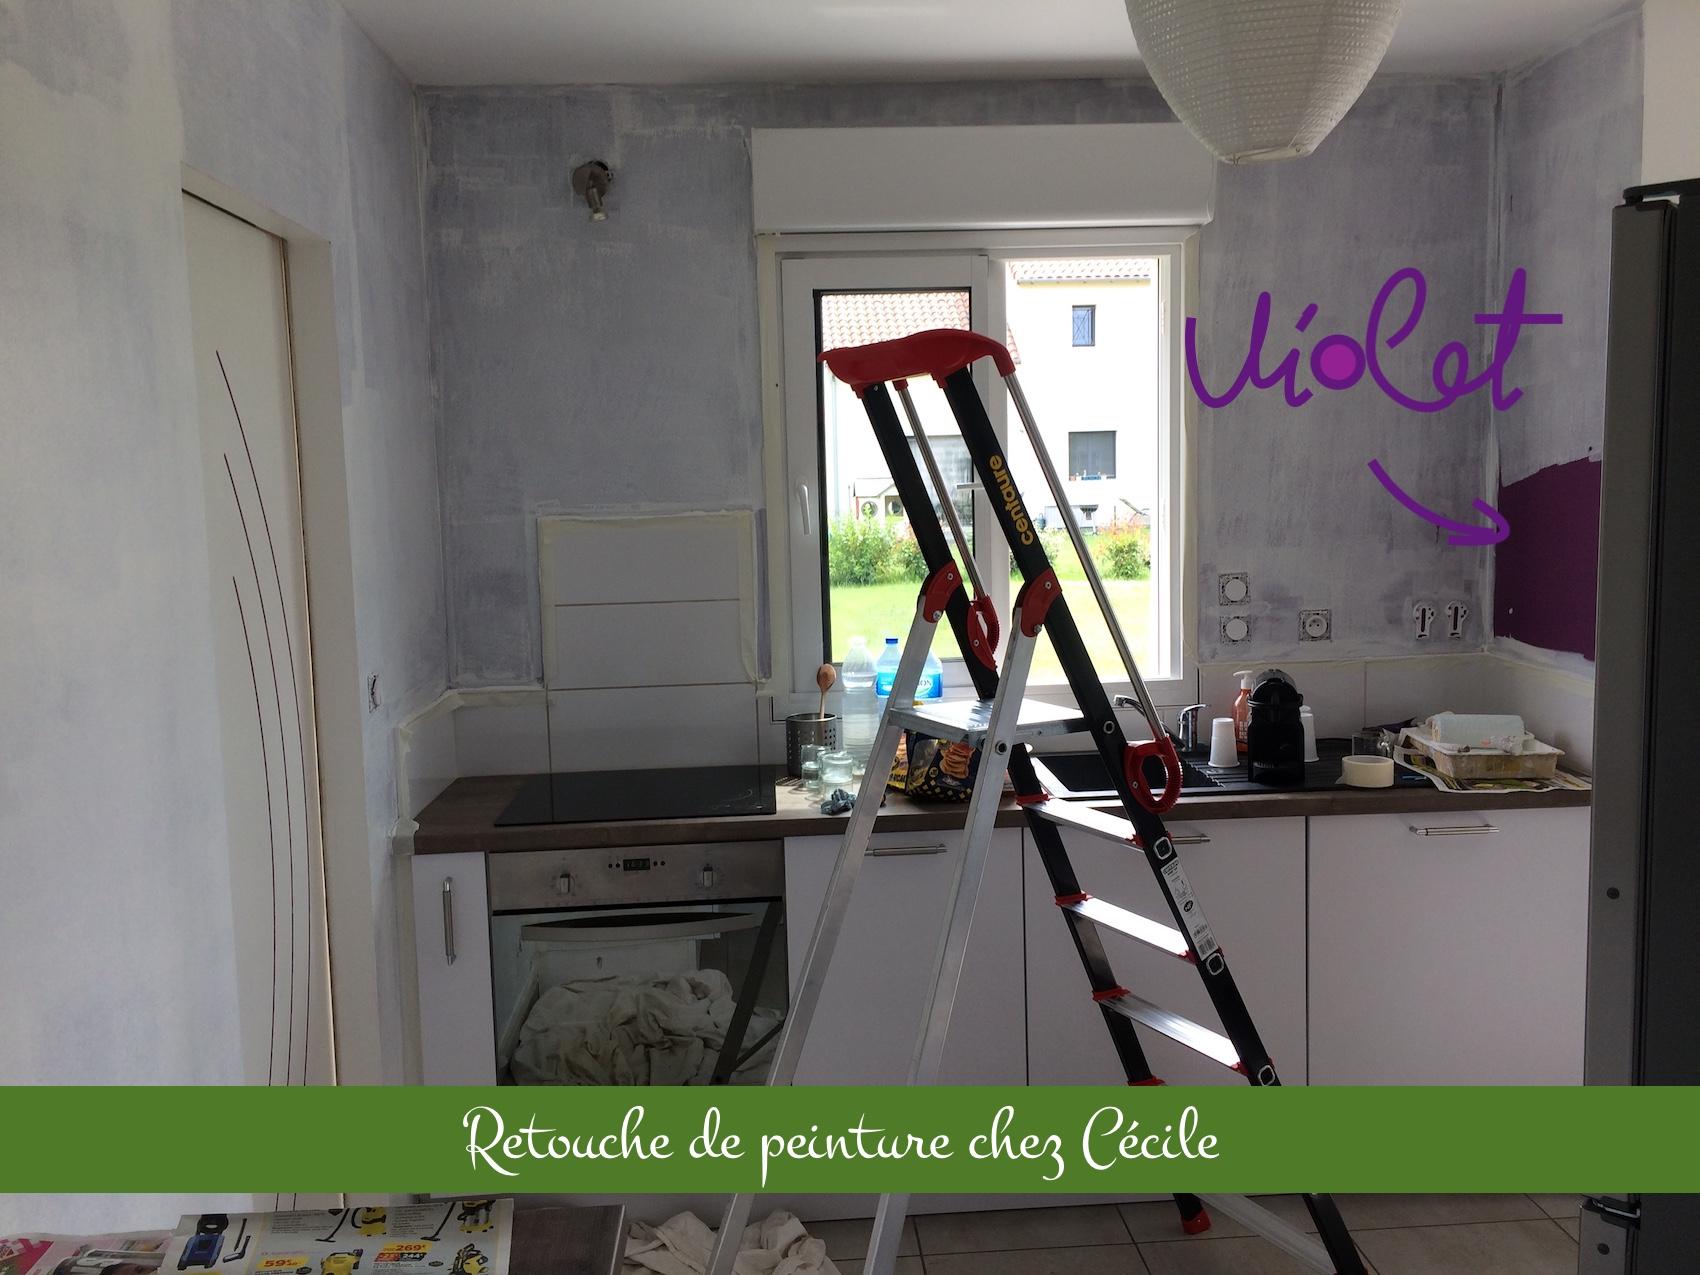 cécile_peinture